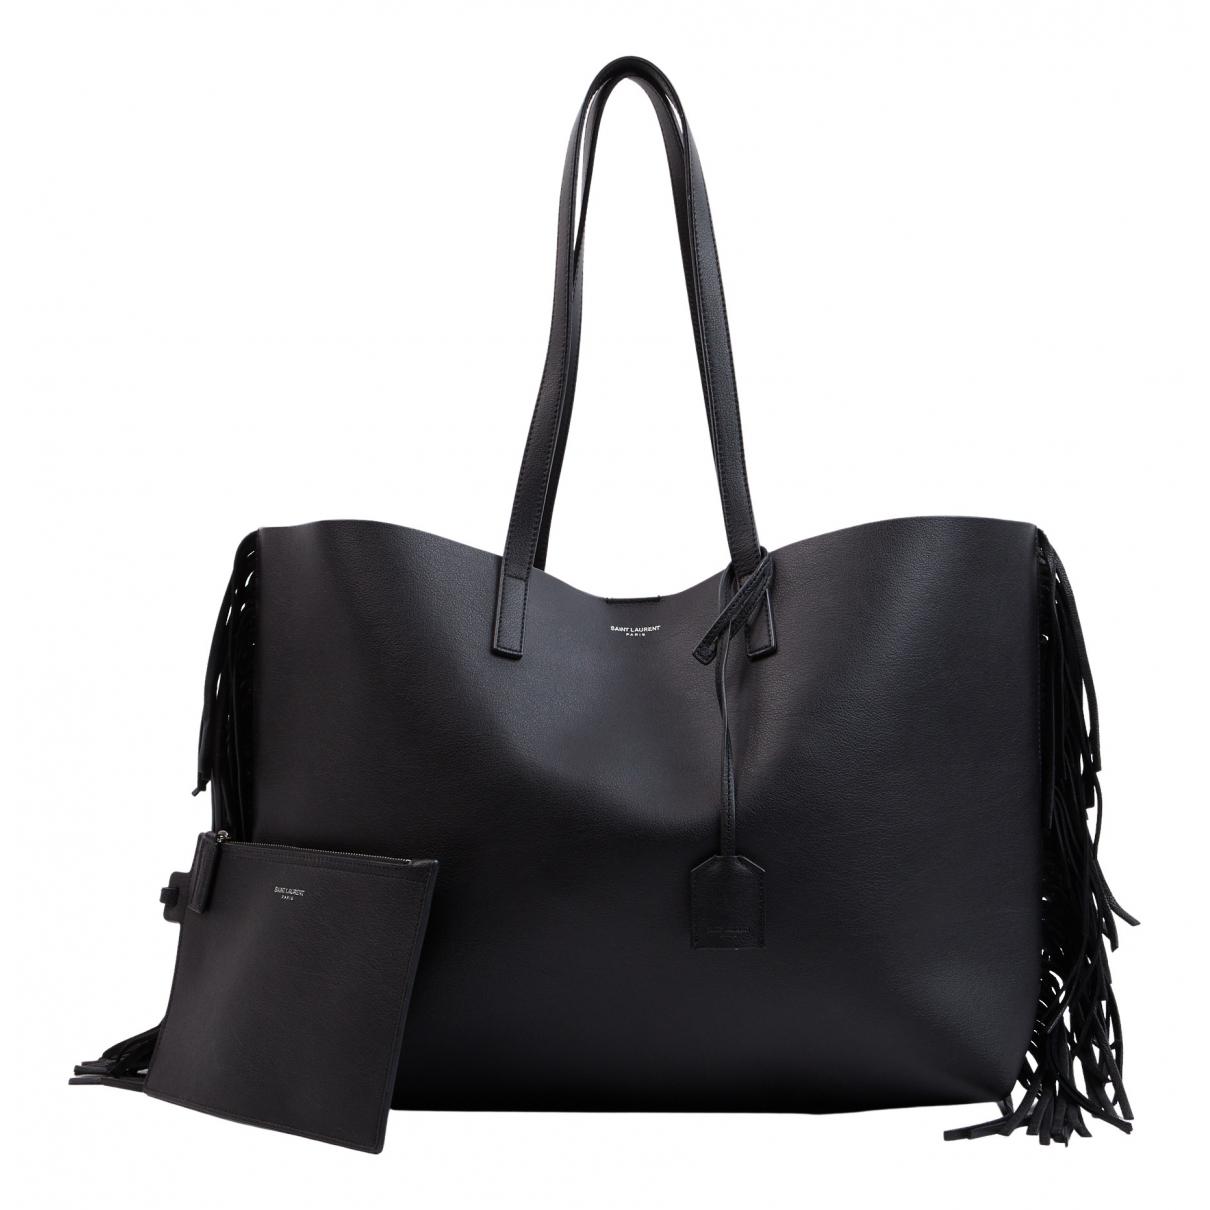 Saint Laurent - Sac a main Shopping pour femme en cuir - noir